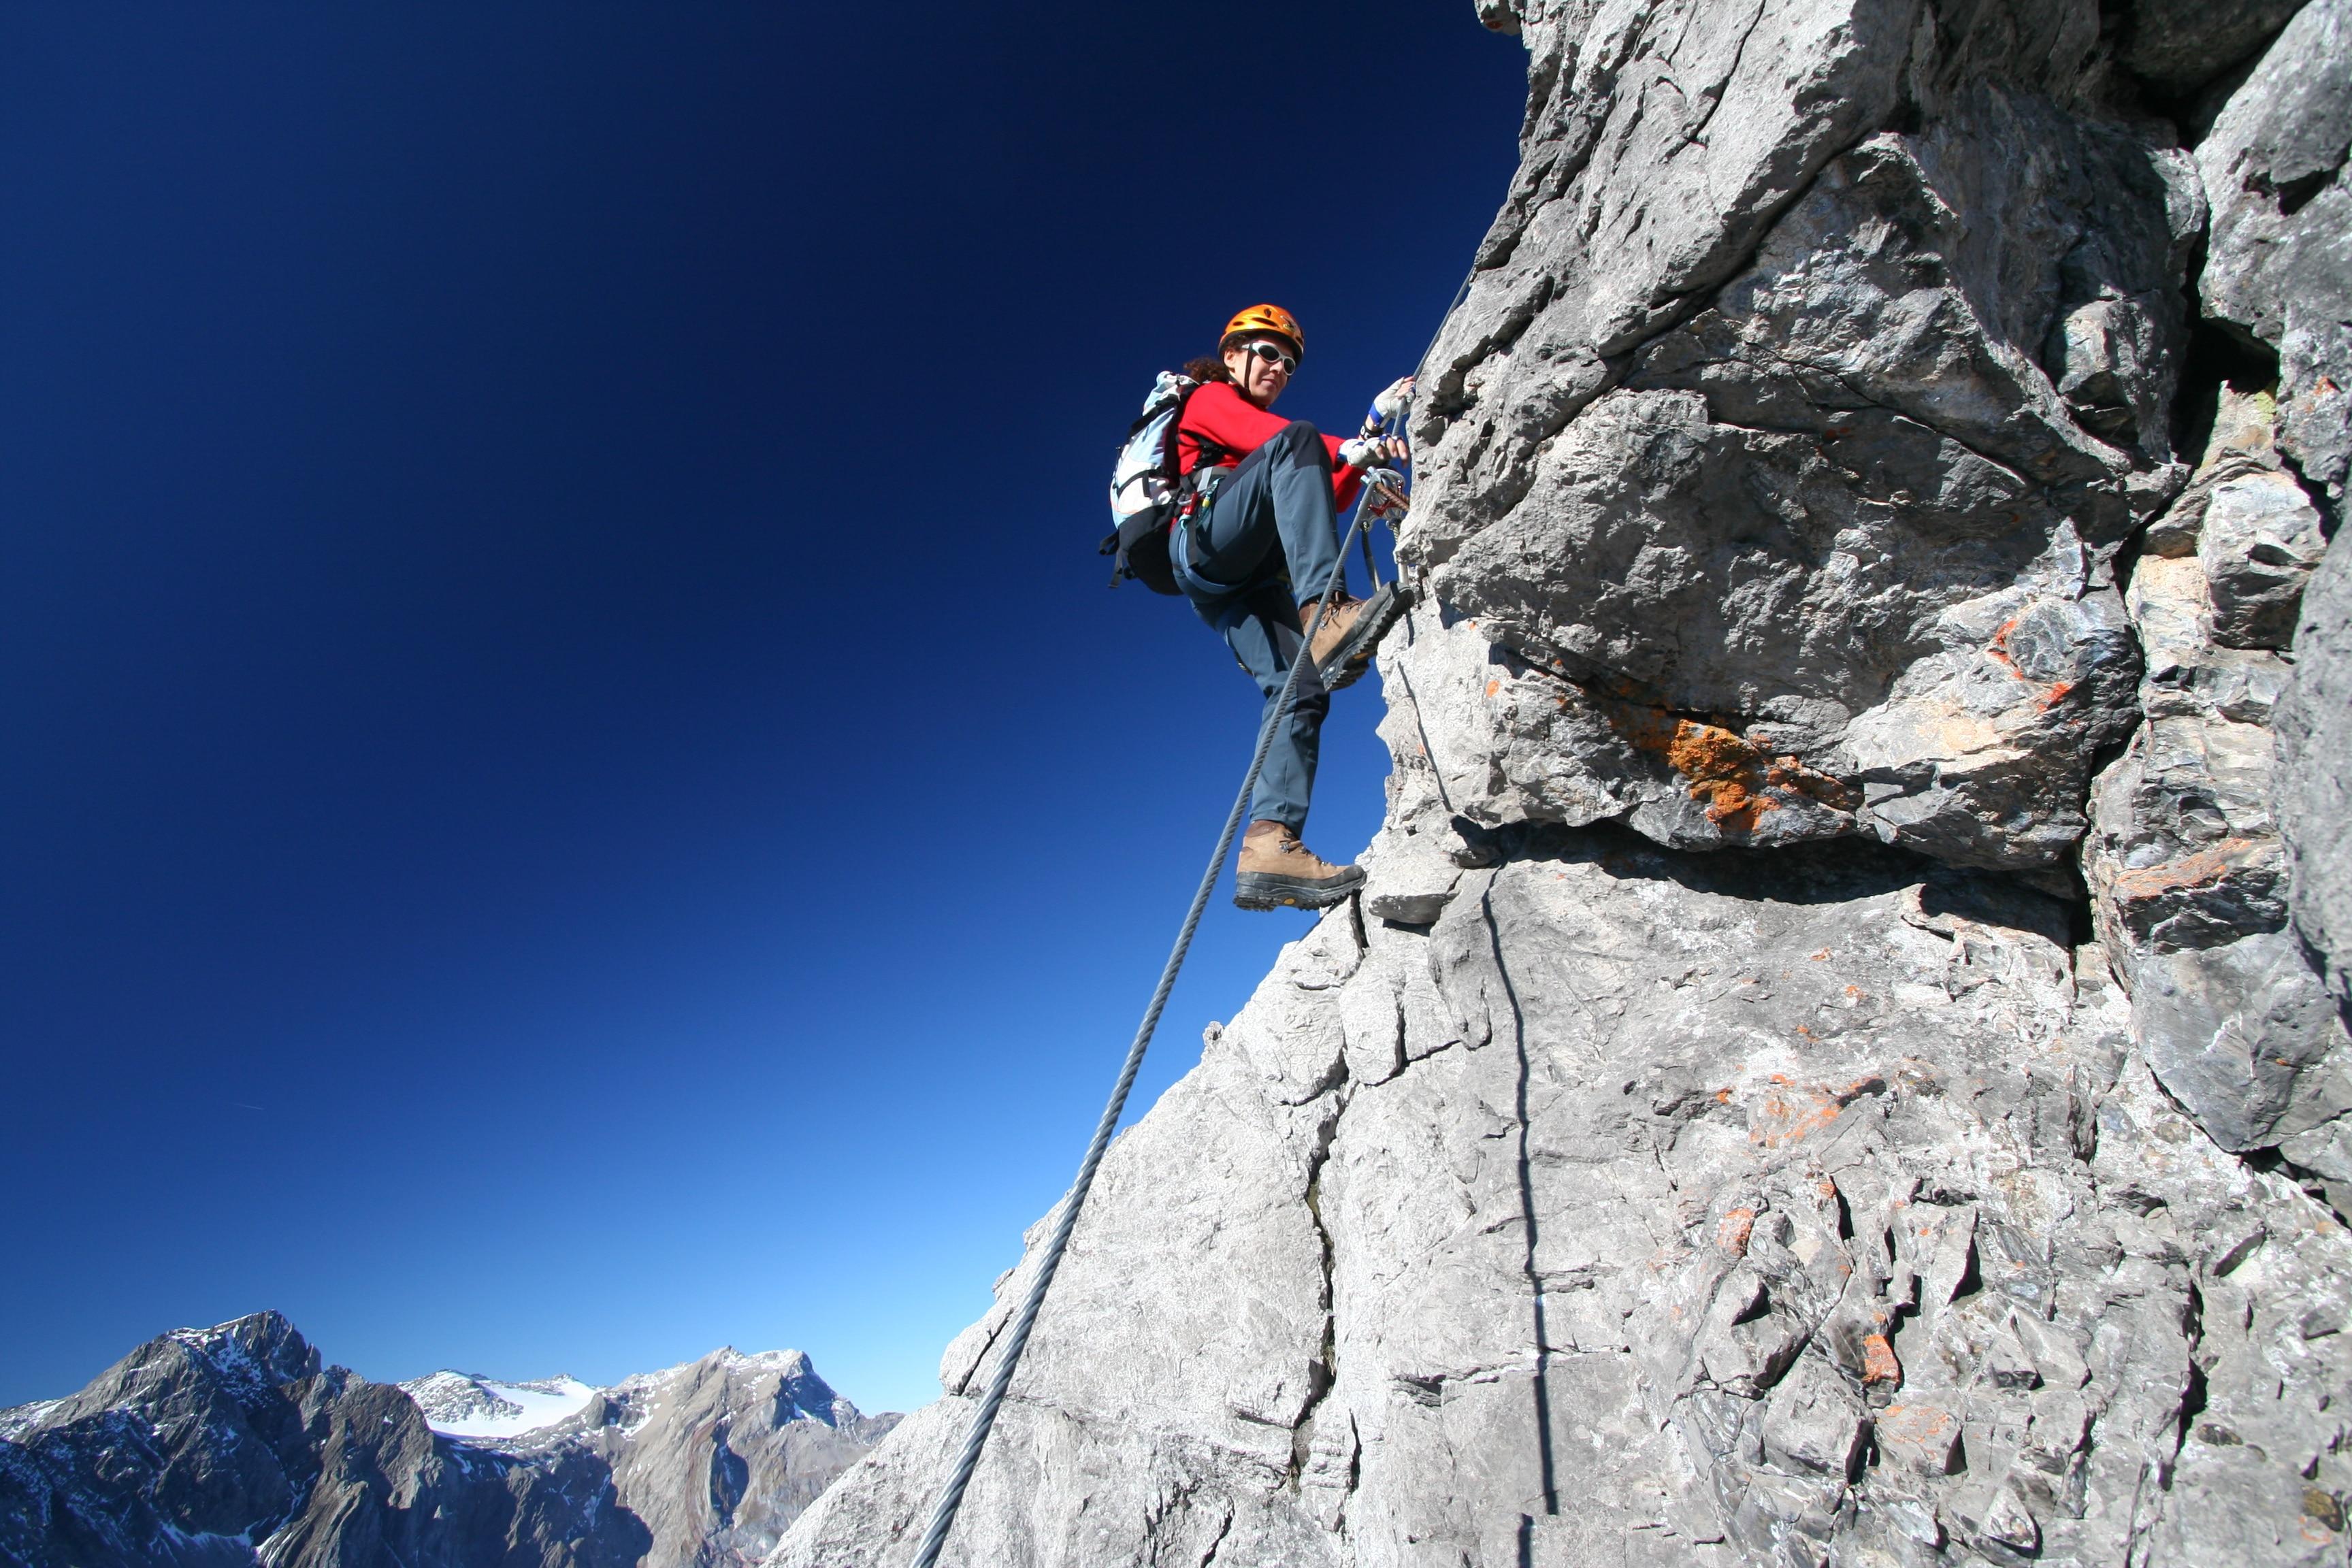 Klettersteig Basel : Klettersteige saula klettersteig km bergwelten